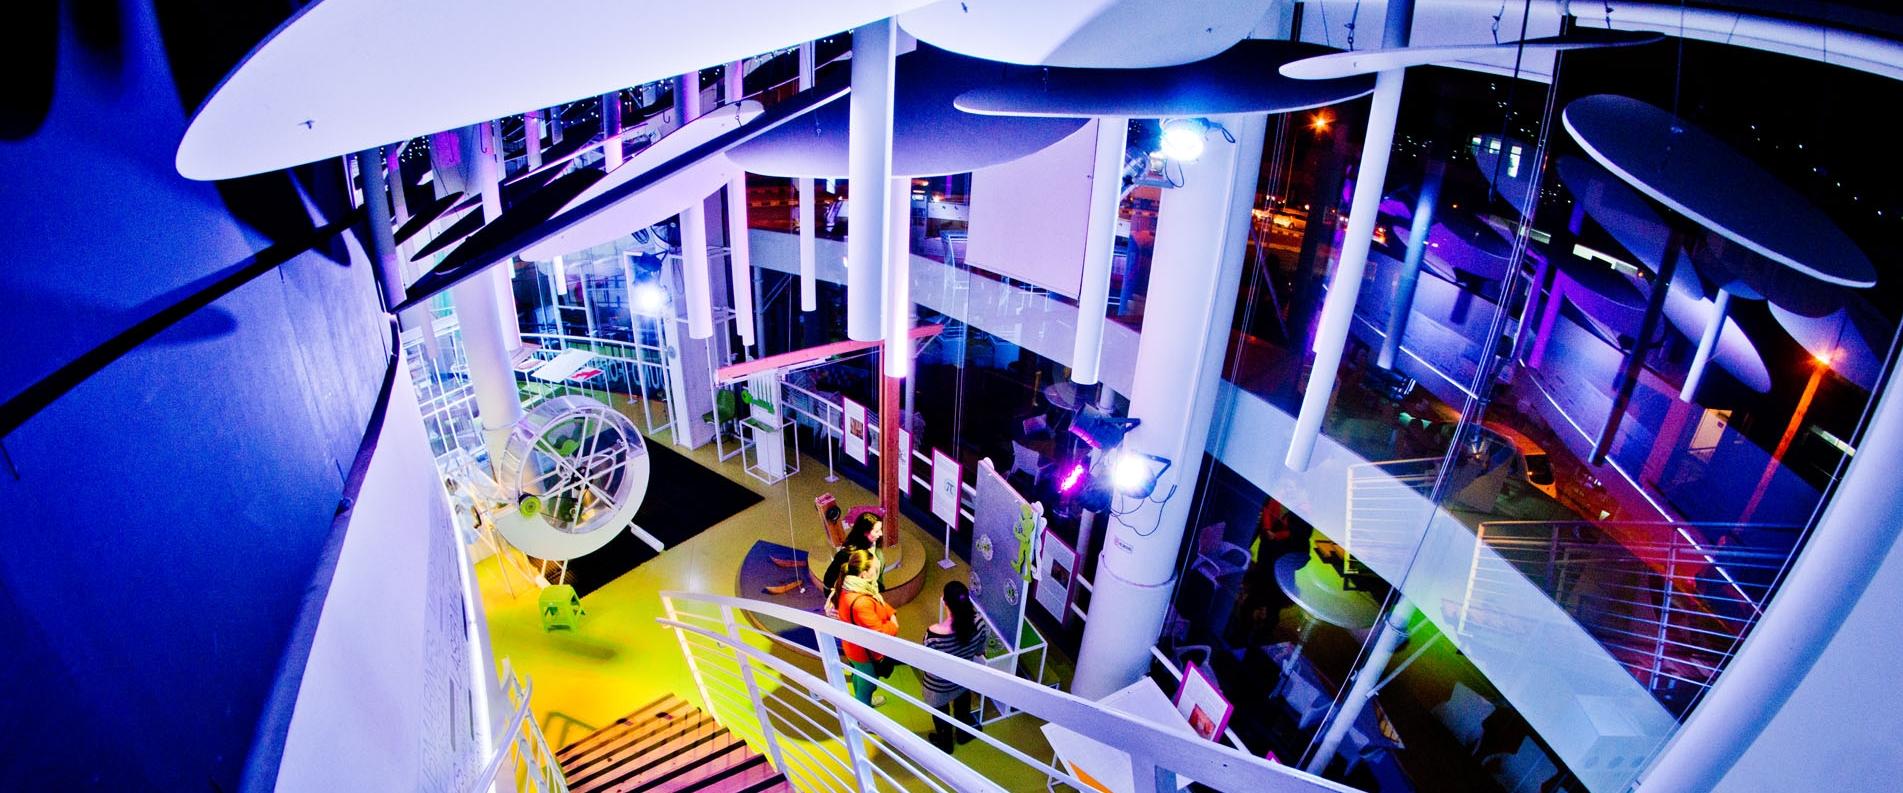 Интерактивный музей «Архимед — забавная сторона науки» в Лимассоле